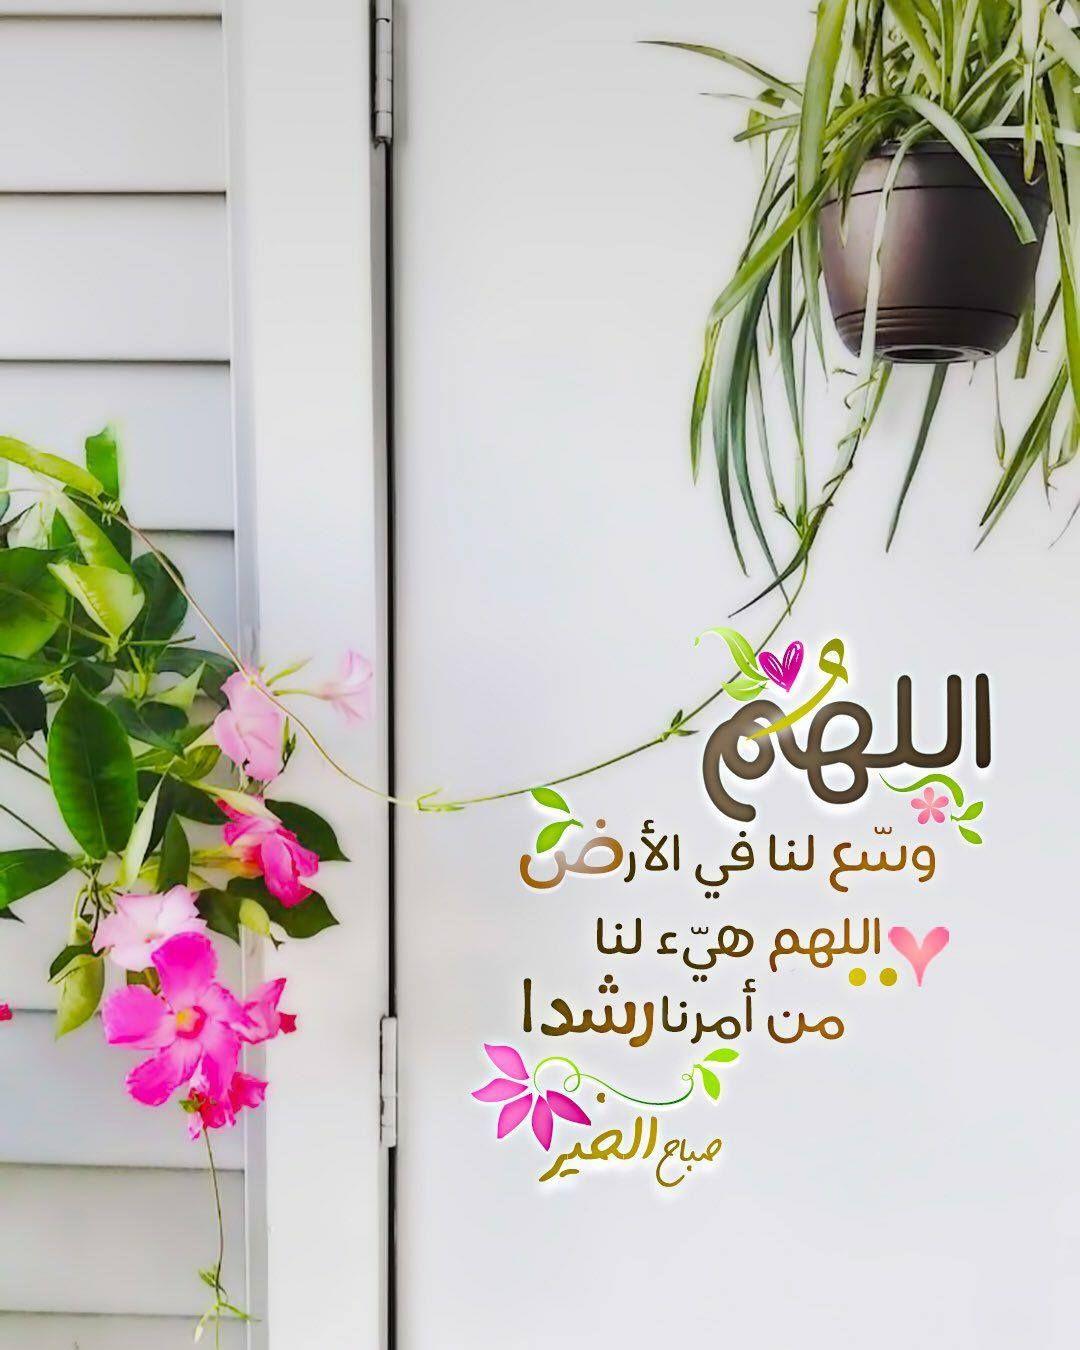 اللهم وسع لنا في الأرض اللهم هئ لنا من أمرنا رشدا صباح الخير Good Morning Flowers Home Decor Decals Obu